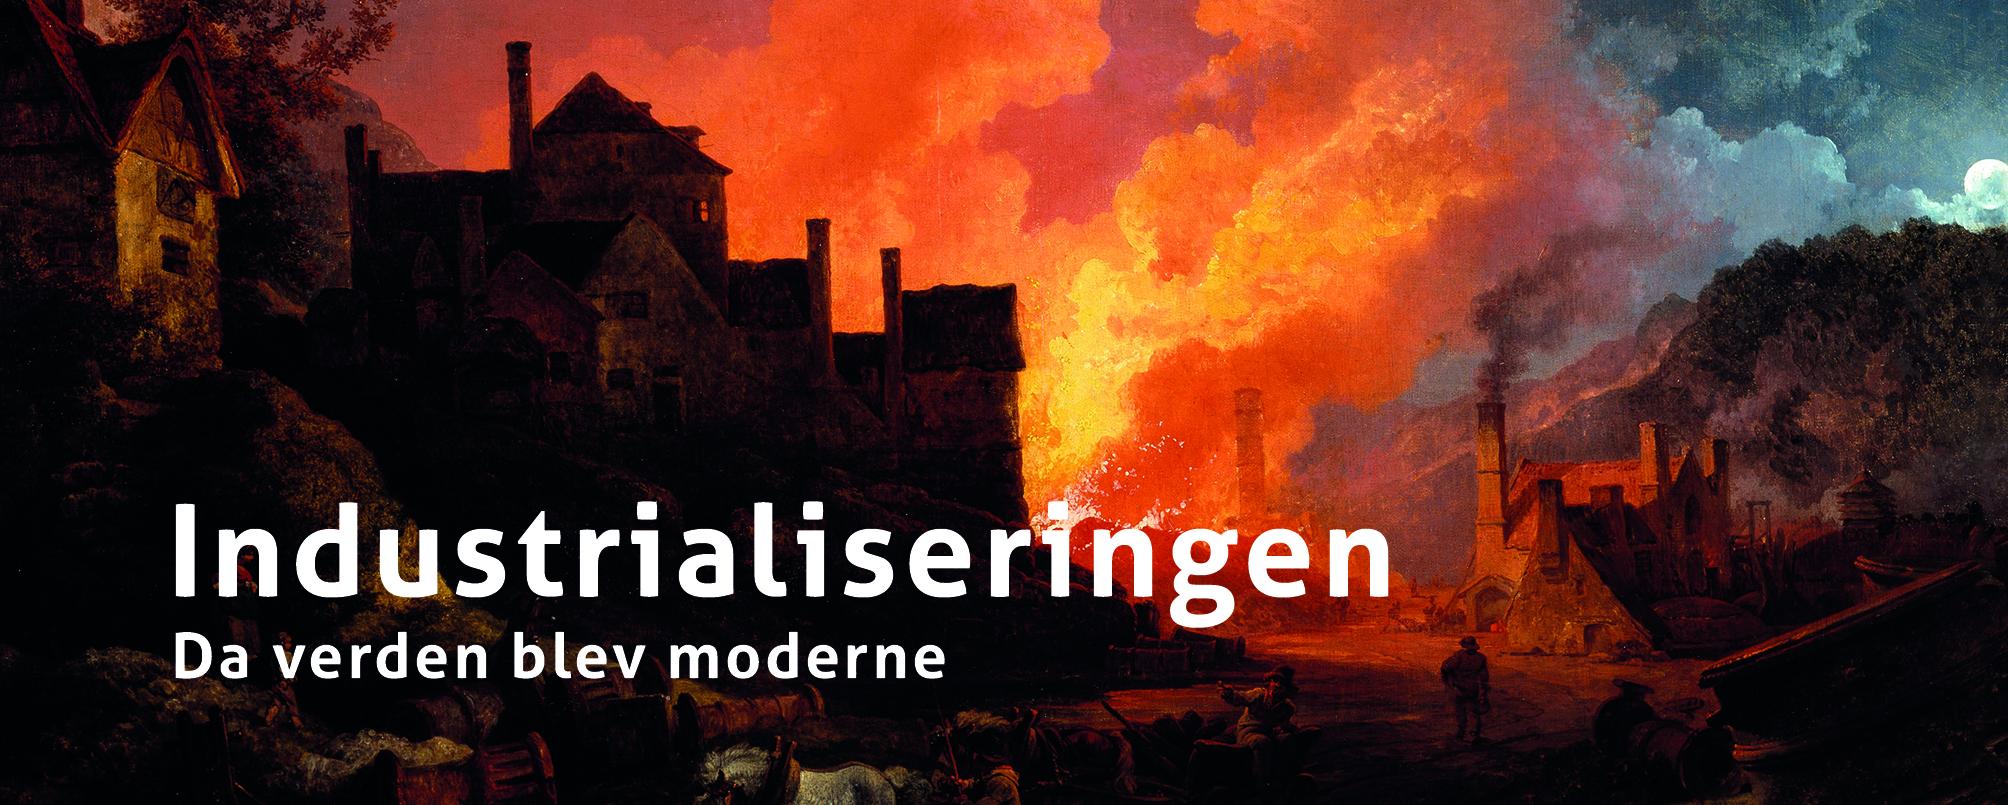 'Industrialiseringen – da verden blev moderne' får ros af anmelder